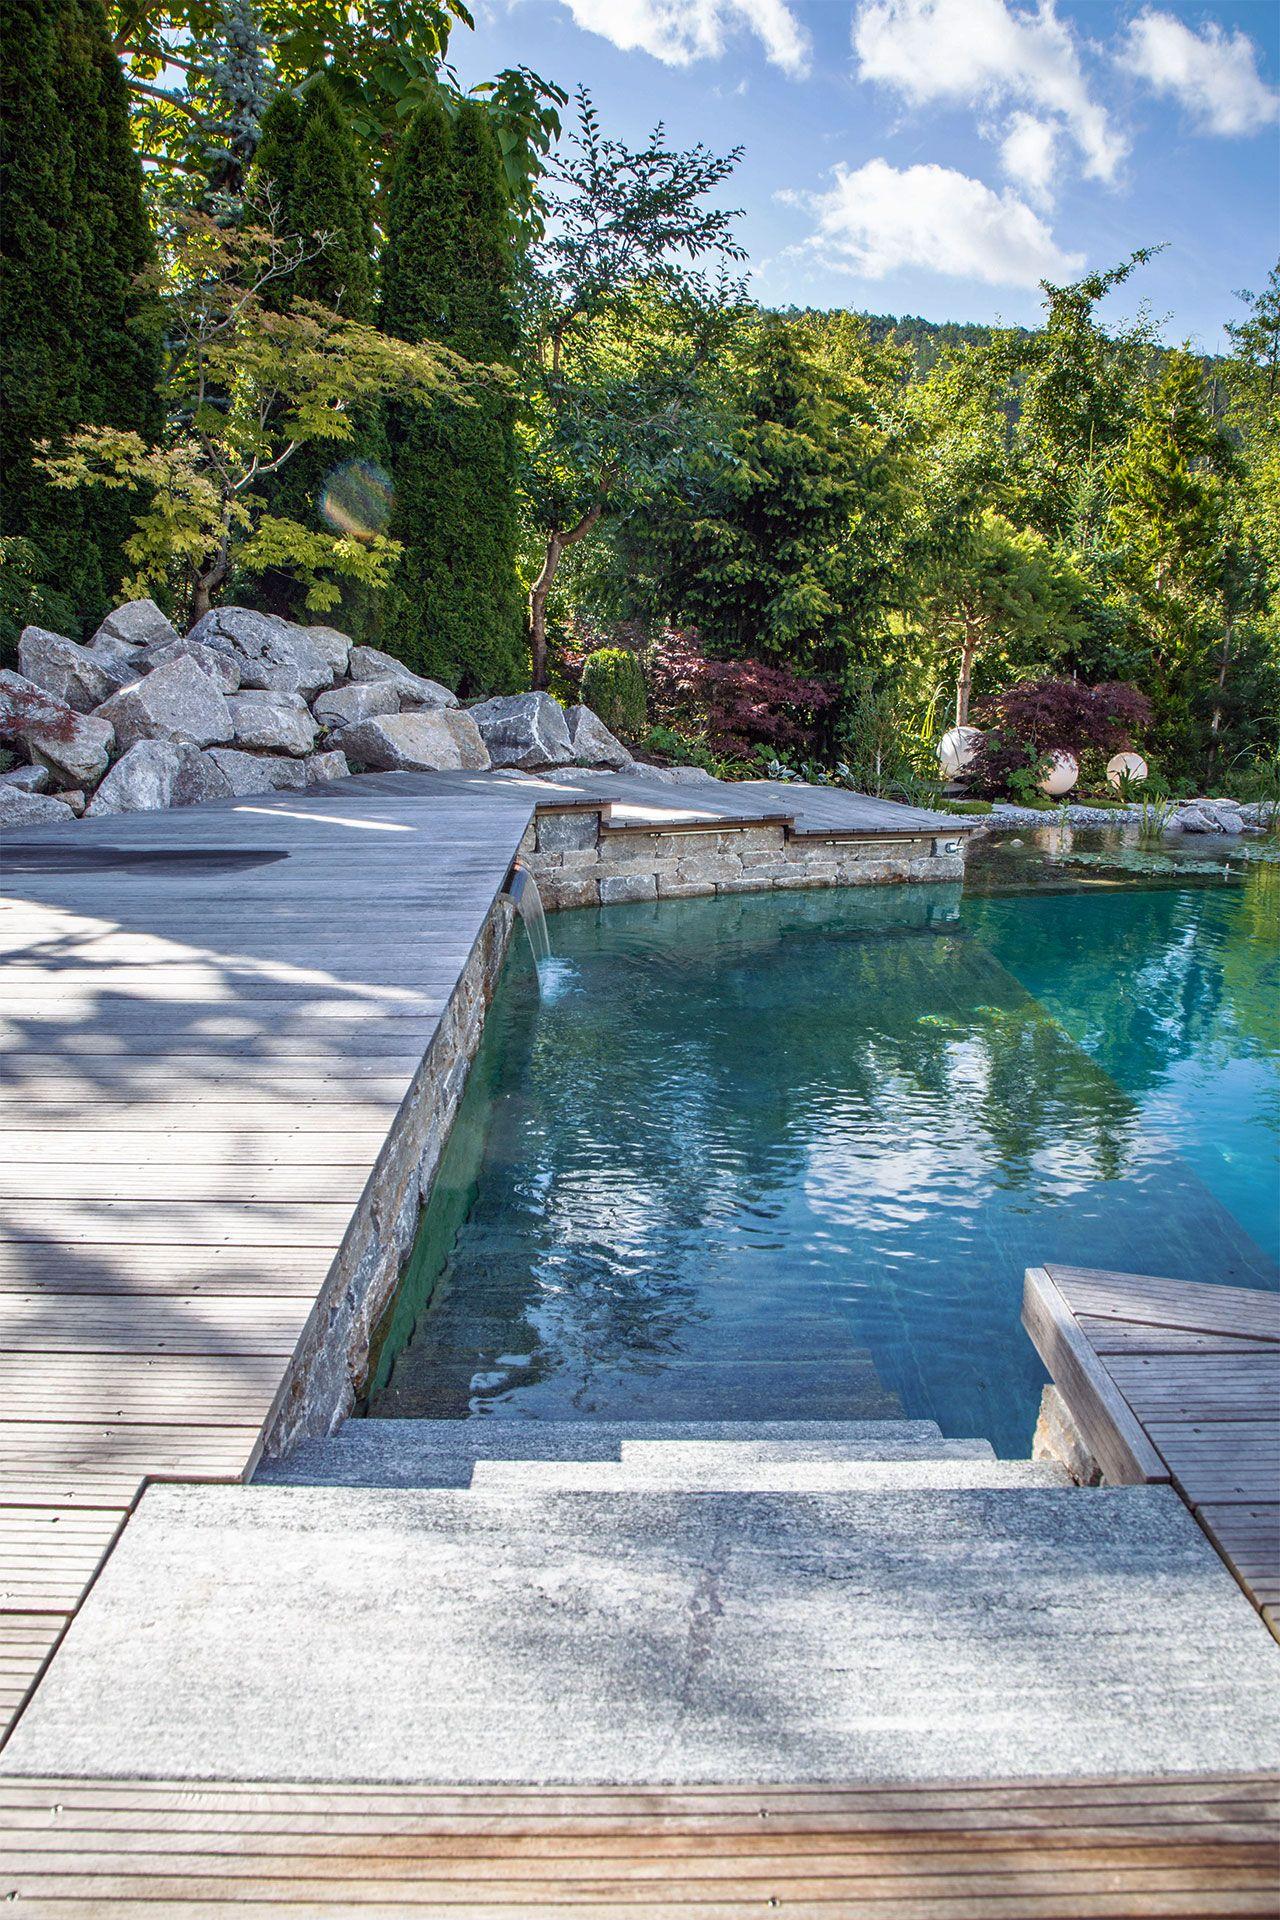 Mit Steinen Ummantelt Statt Mit Folie KALHOFER   Gartengestaltung,  Schwimmteiche, Landschaftsbau   Garten